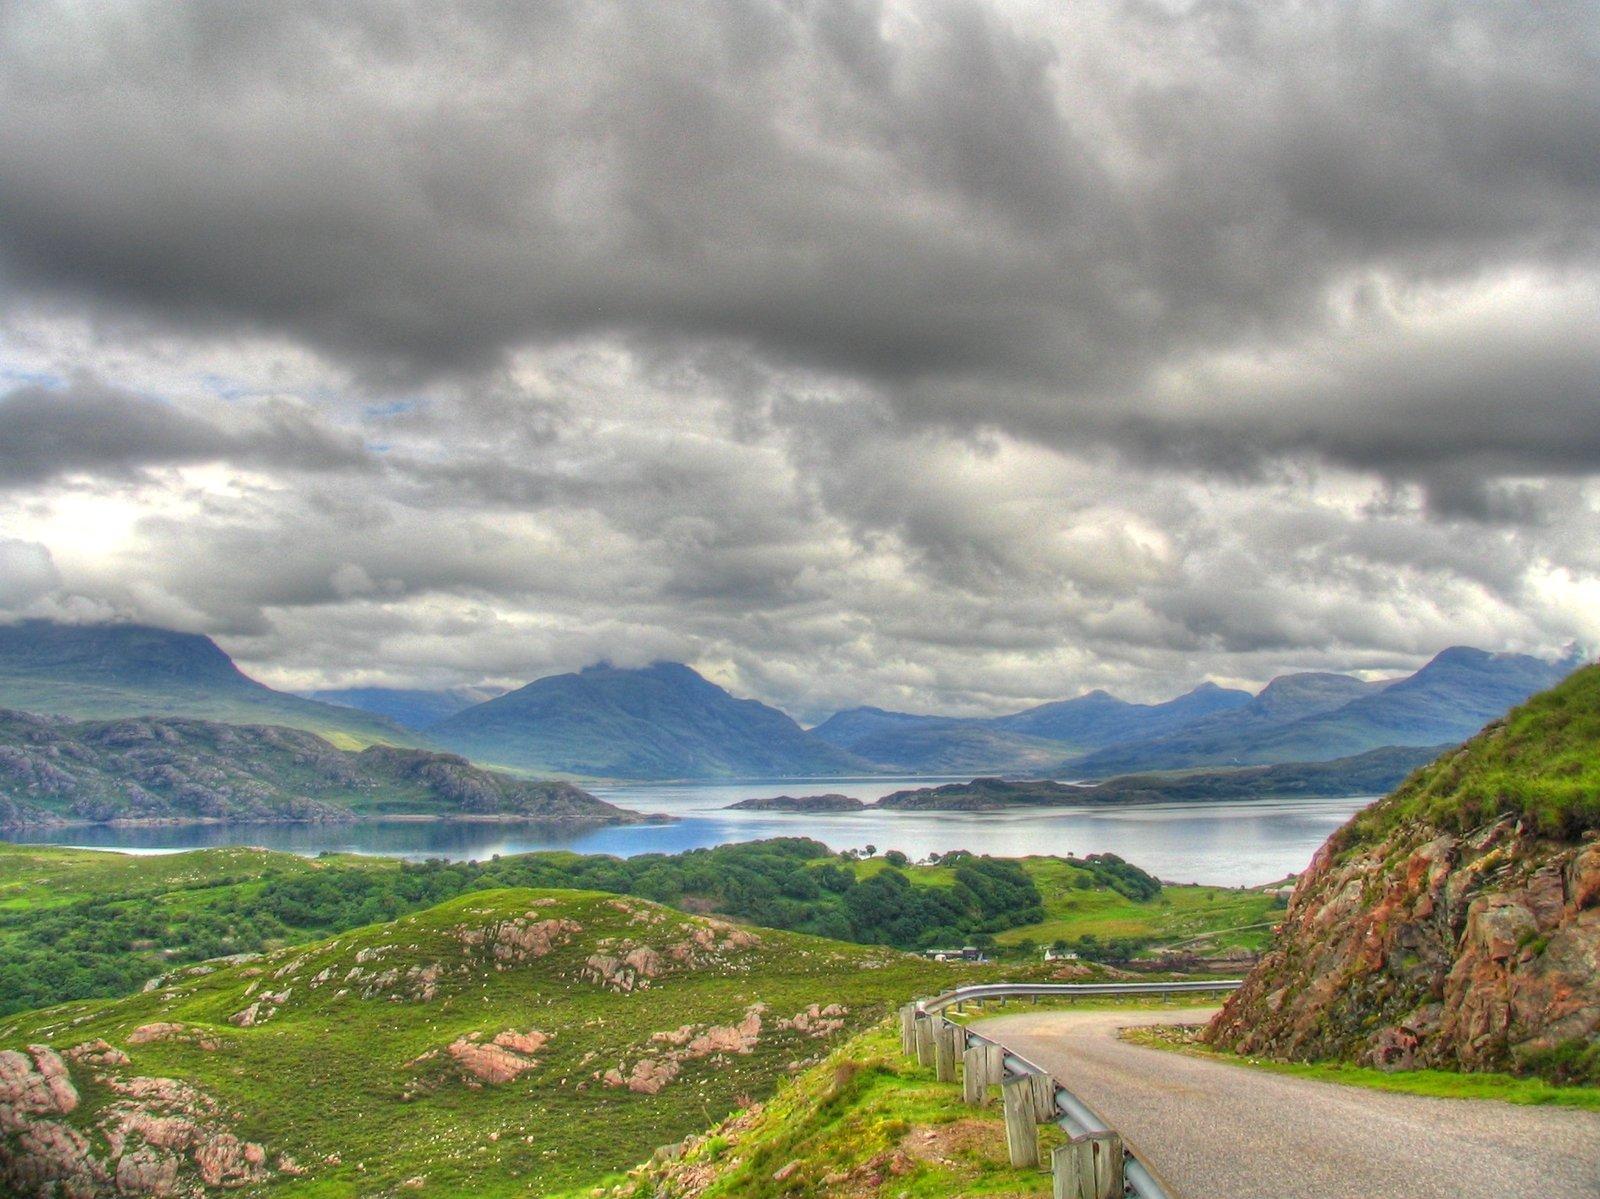 Escocia nublado